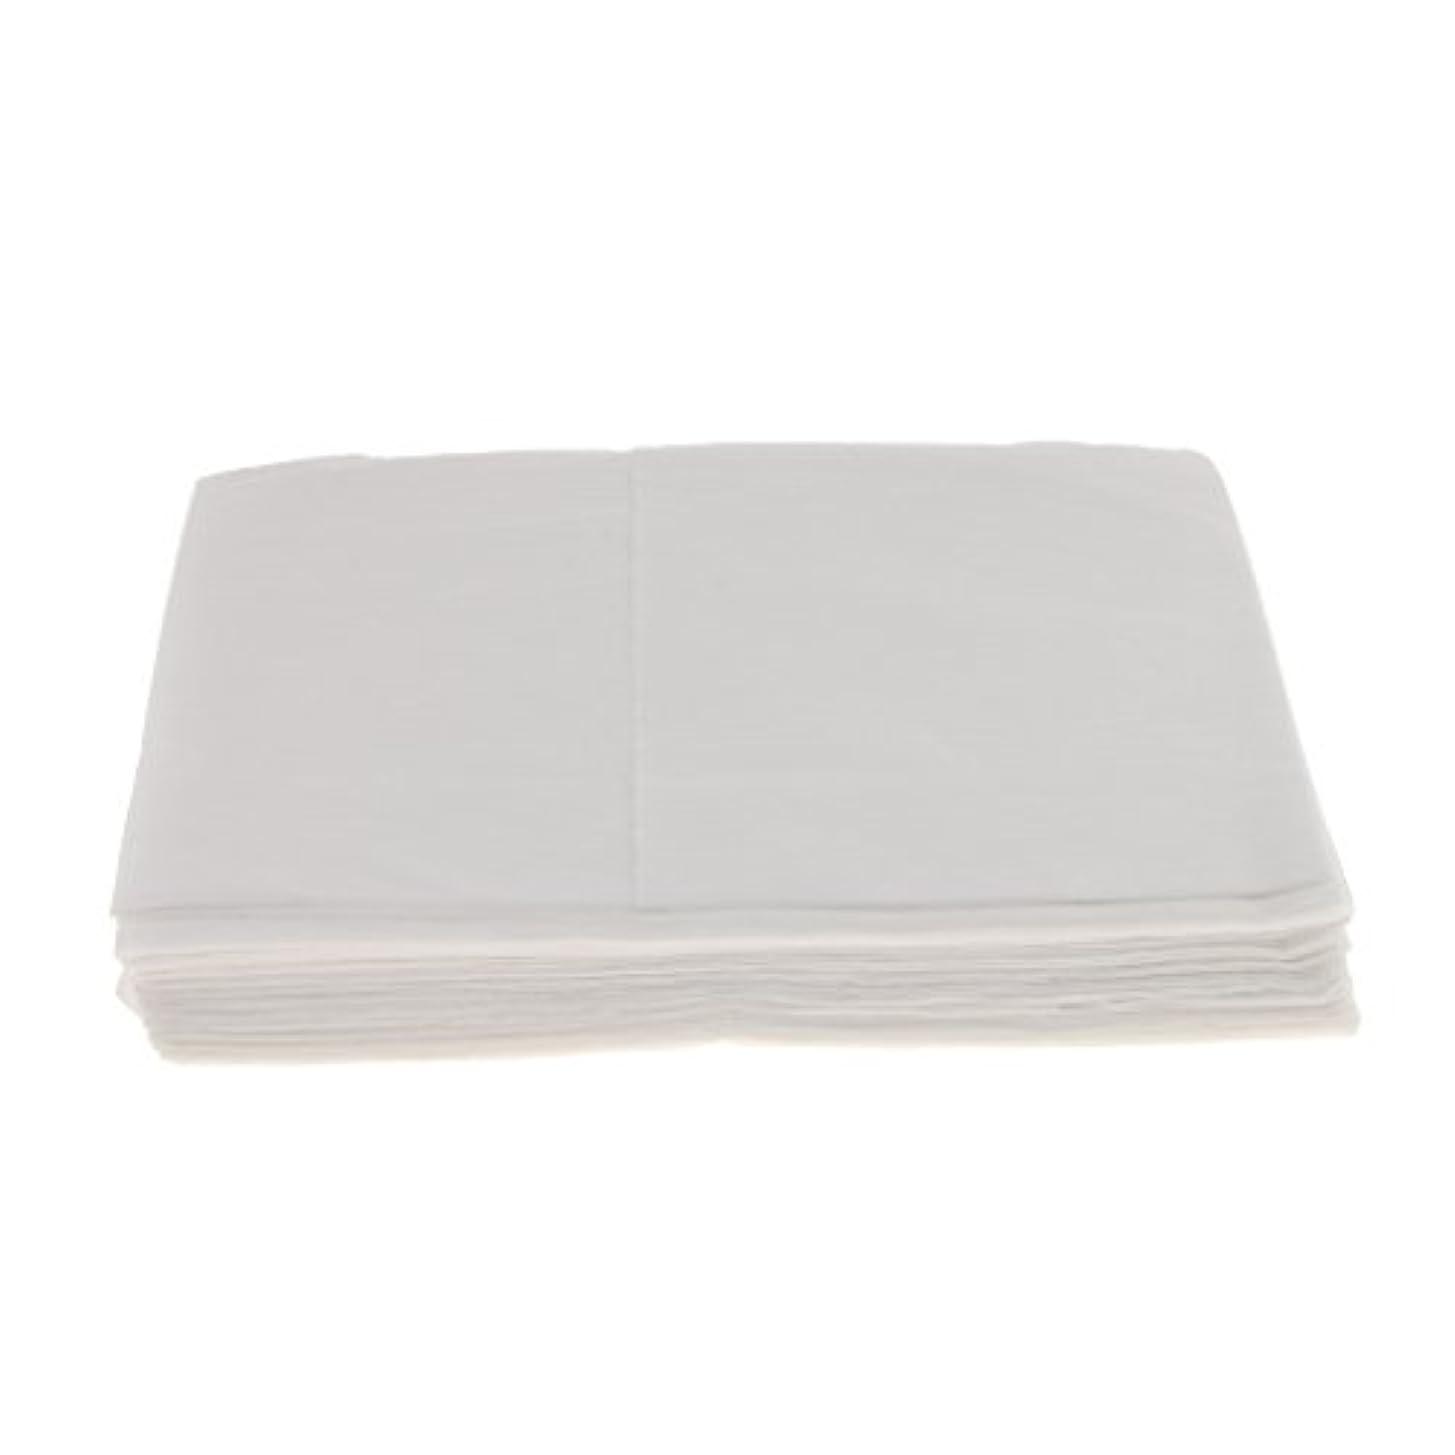 多用途ドラフト広告主Baosity 10枚 使い捨て ベッドシーツ サロン ホテル ベッドパッド カバー シート 2色選べ - 白